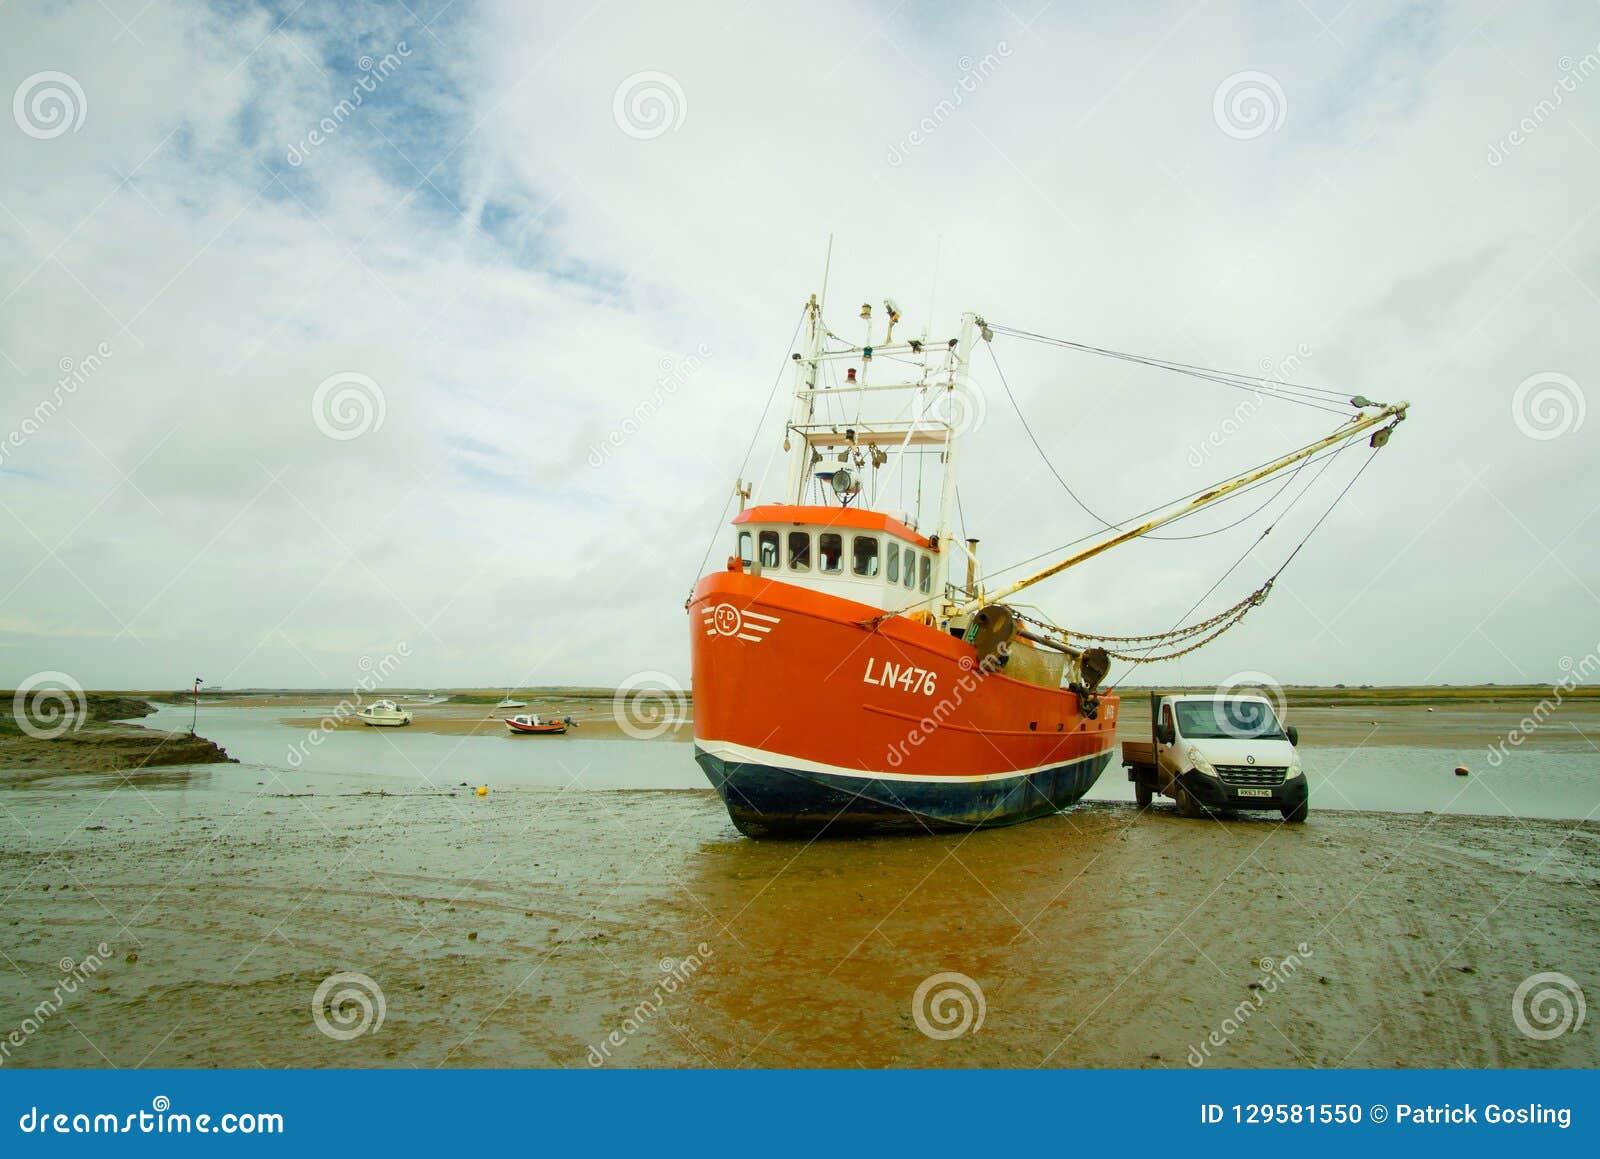 Shrimp fishing trawler.